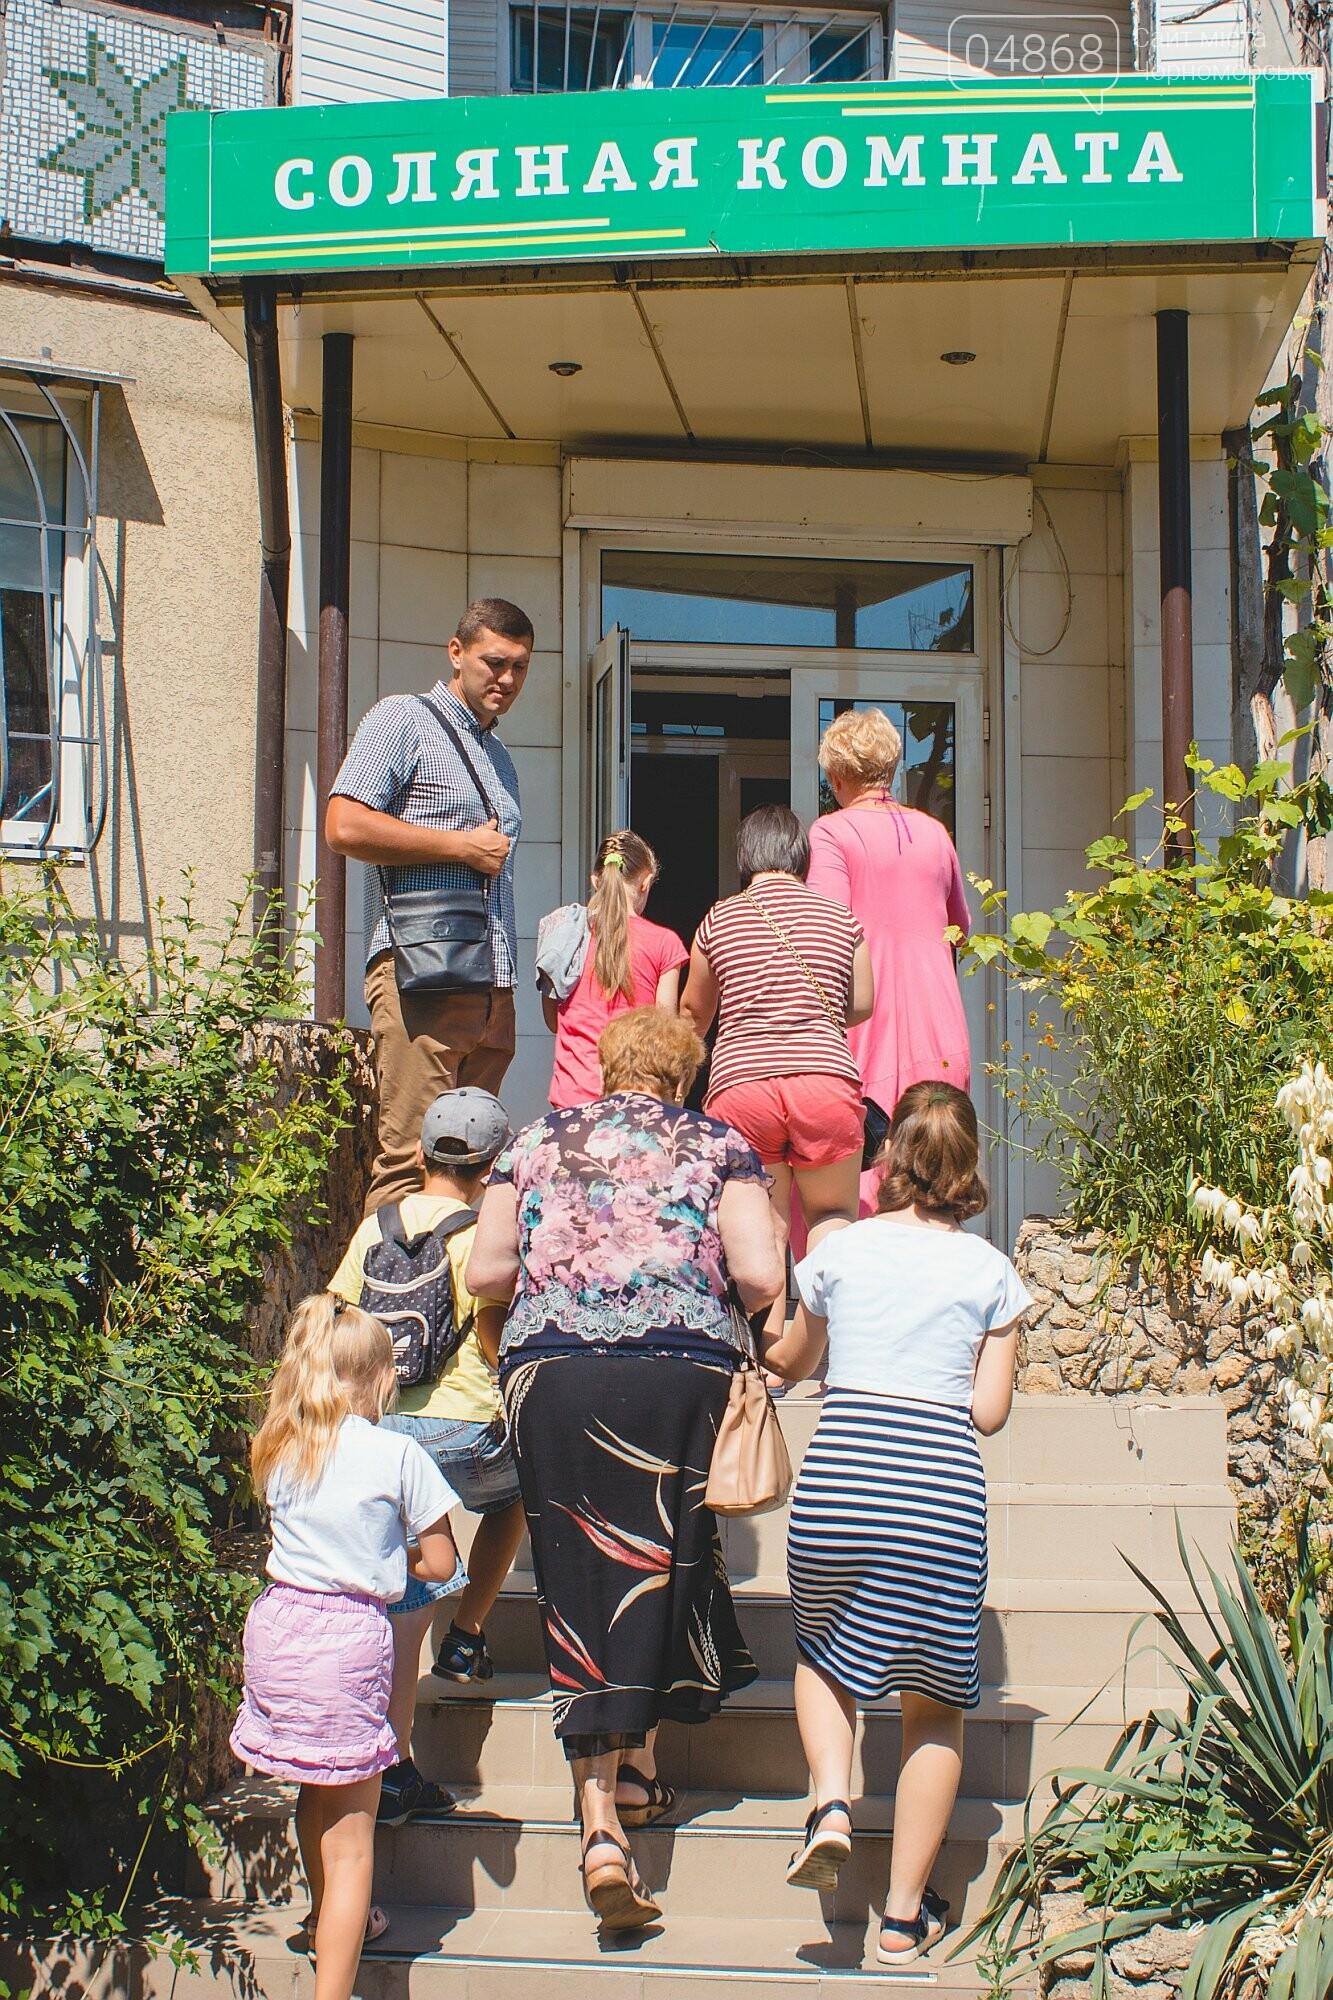 Воспитанники «Радуги» посетили соляную комнату в Черноморске, фото-19